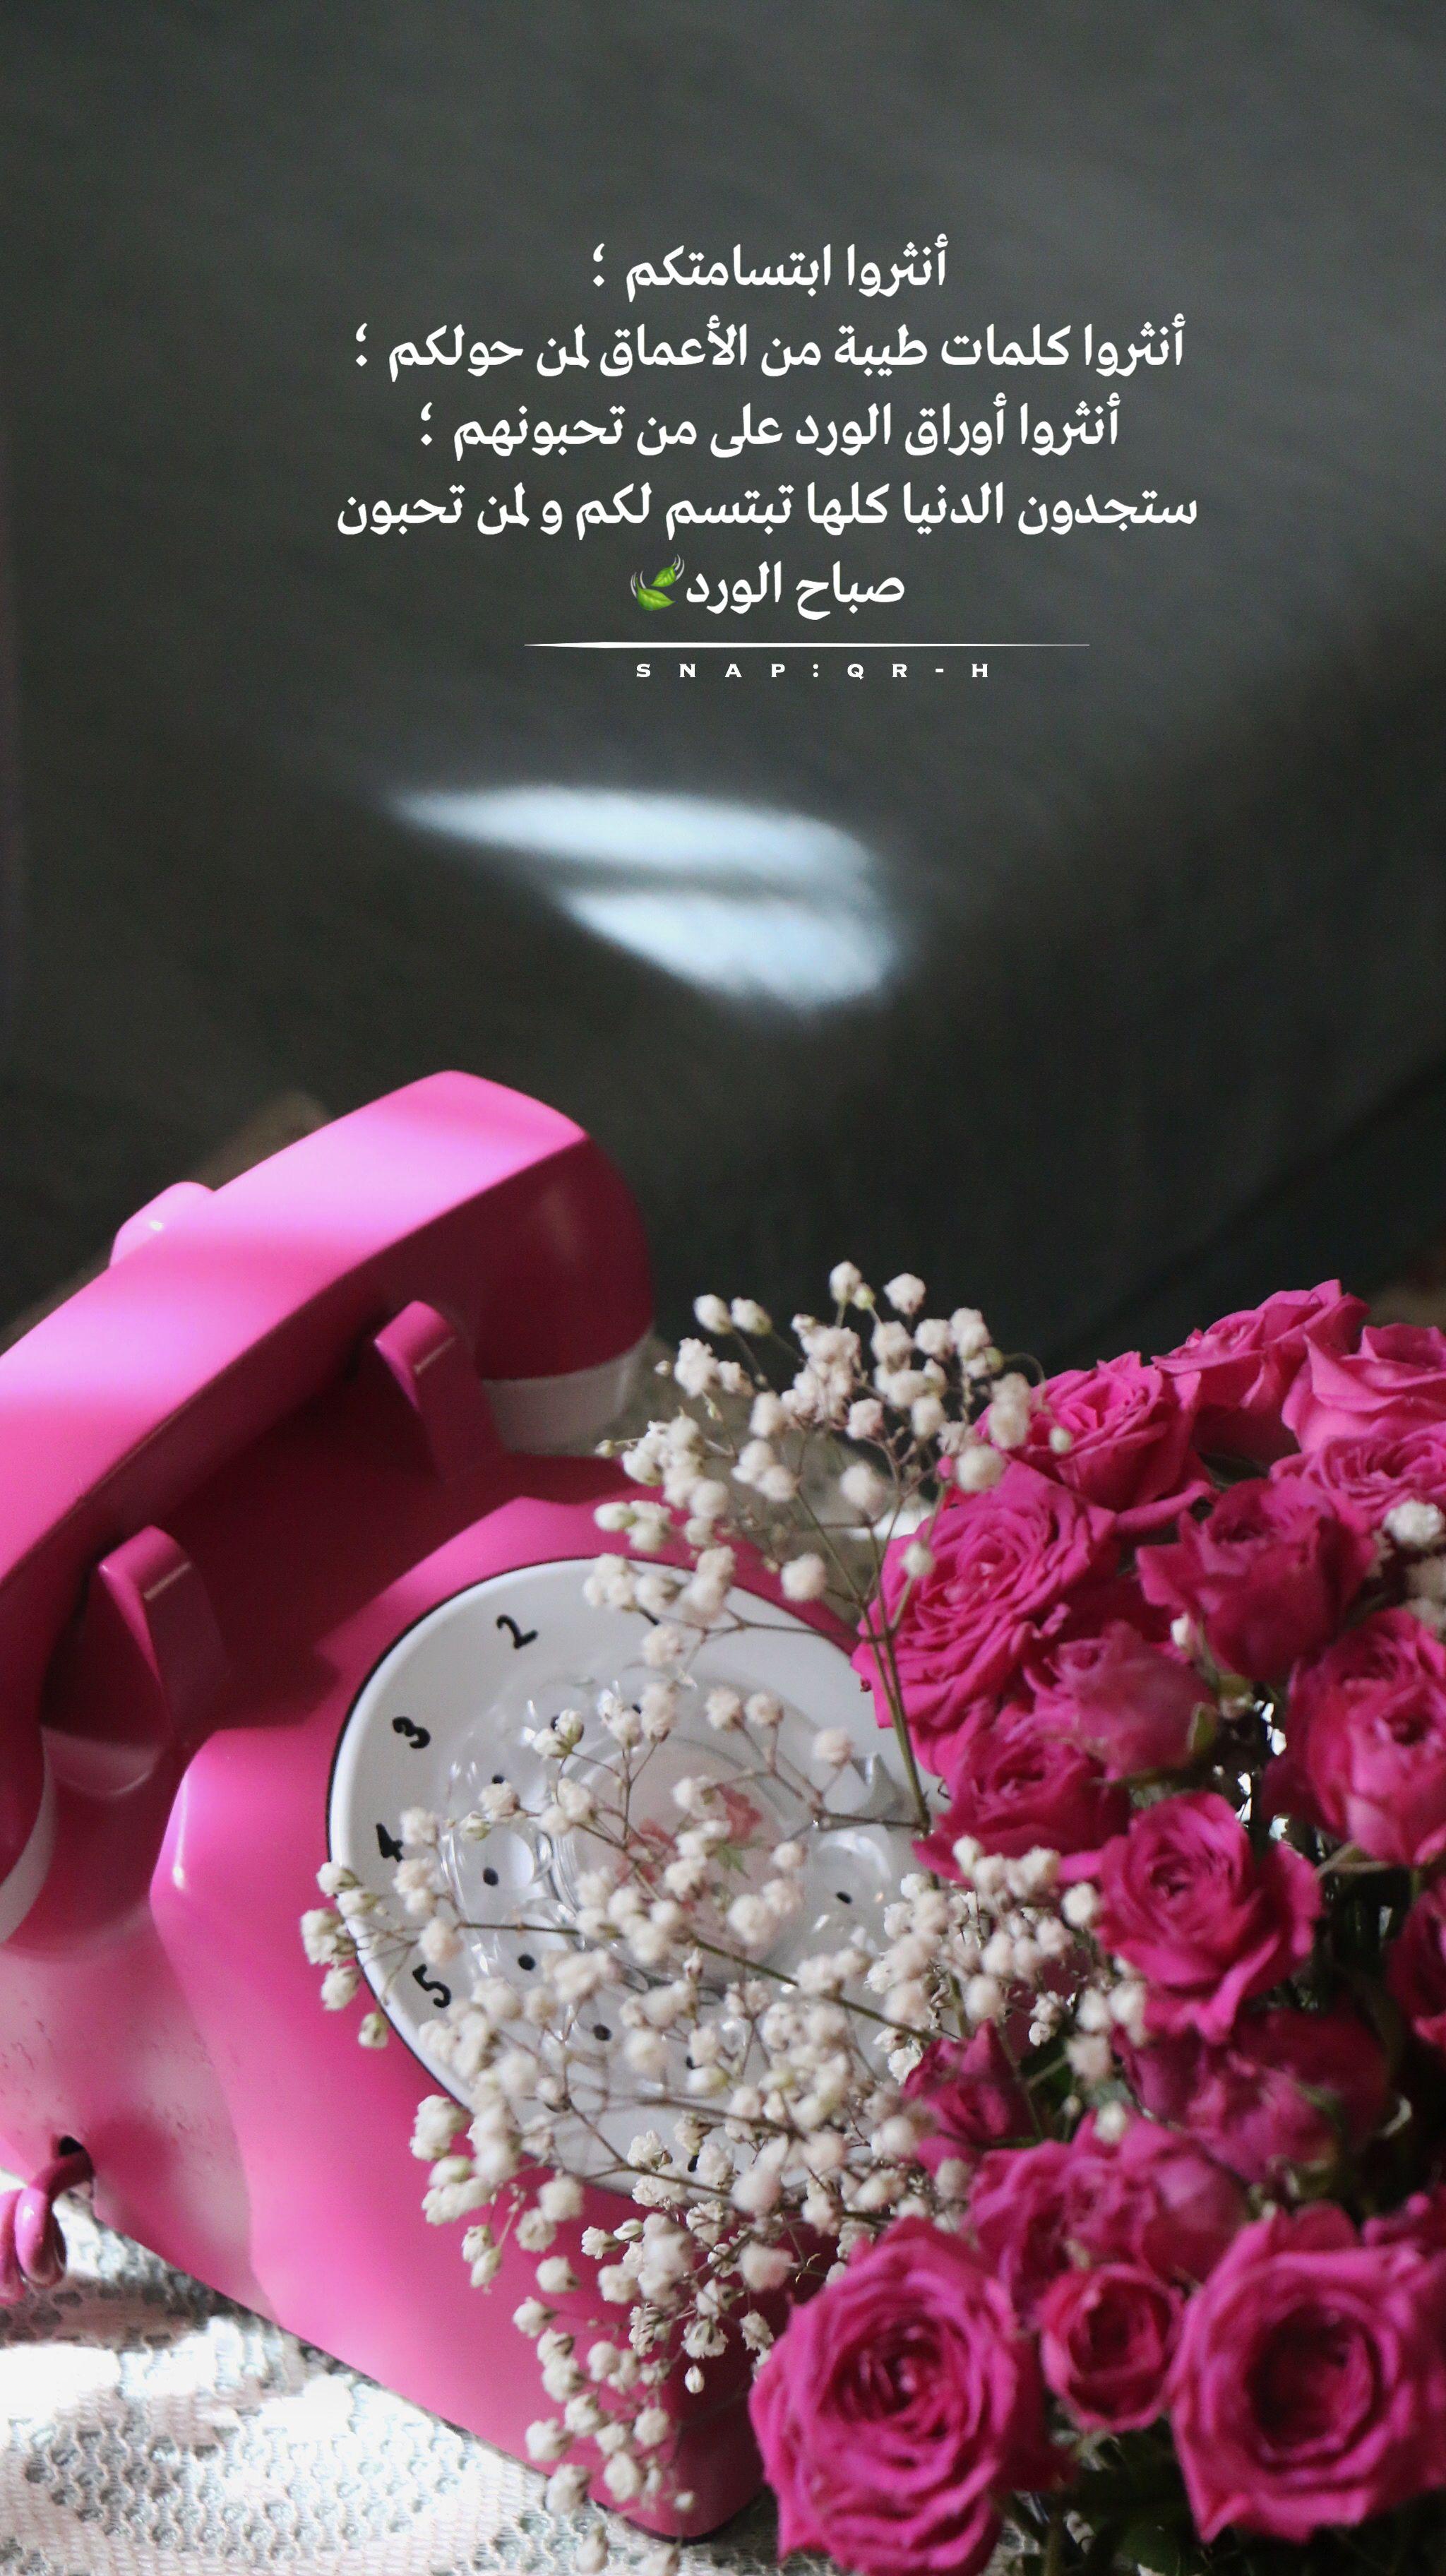 للورد عبارات جميلة كلام جميل عن الورد